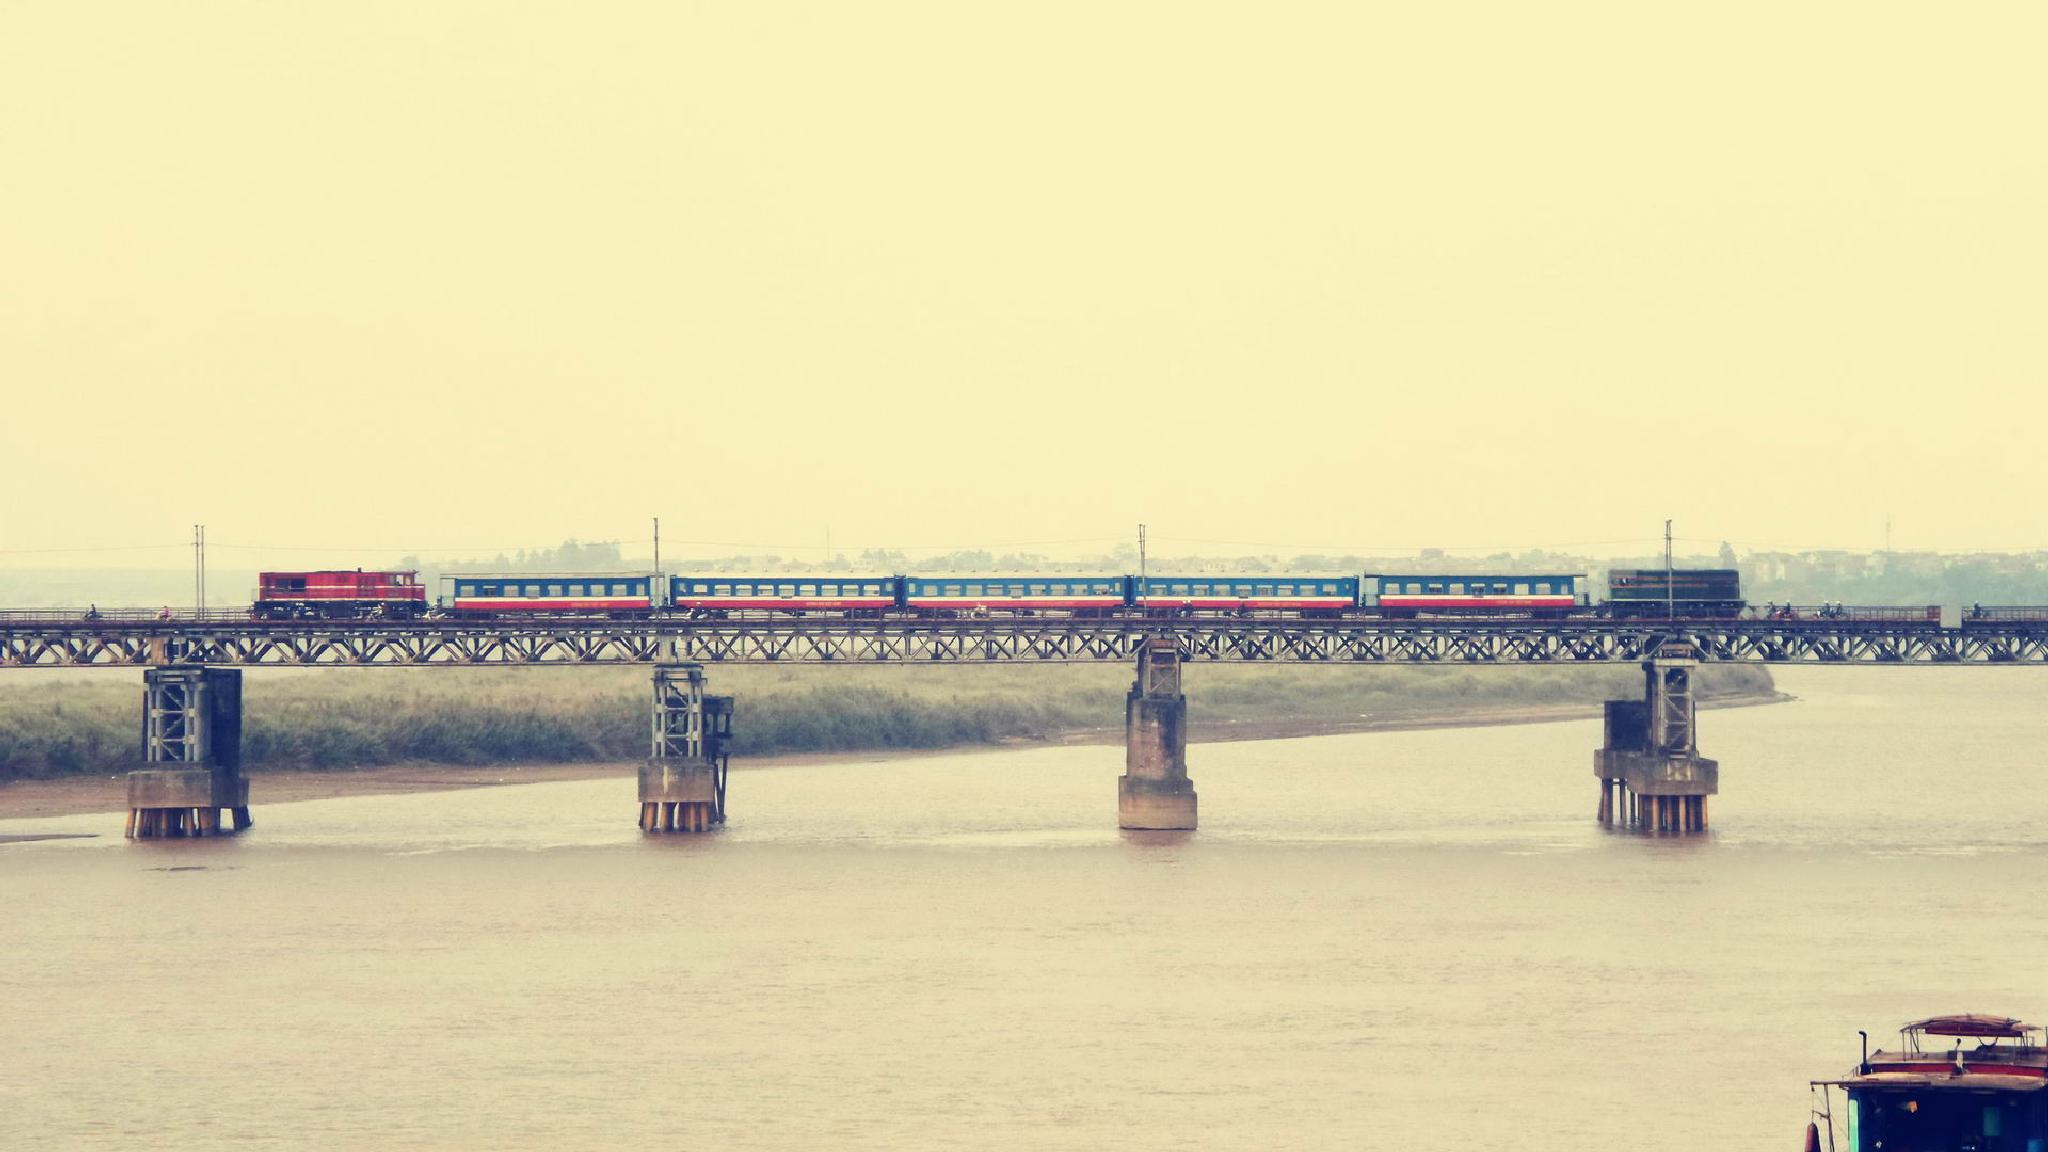 Train on Long Bien Bridge by Mars Ryan Hartdegen